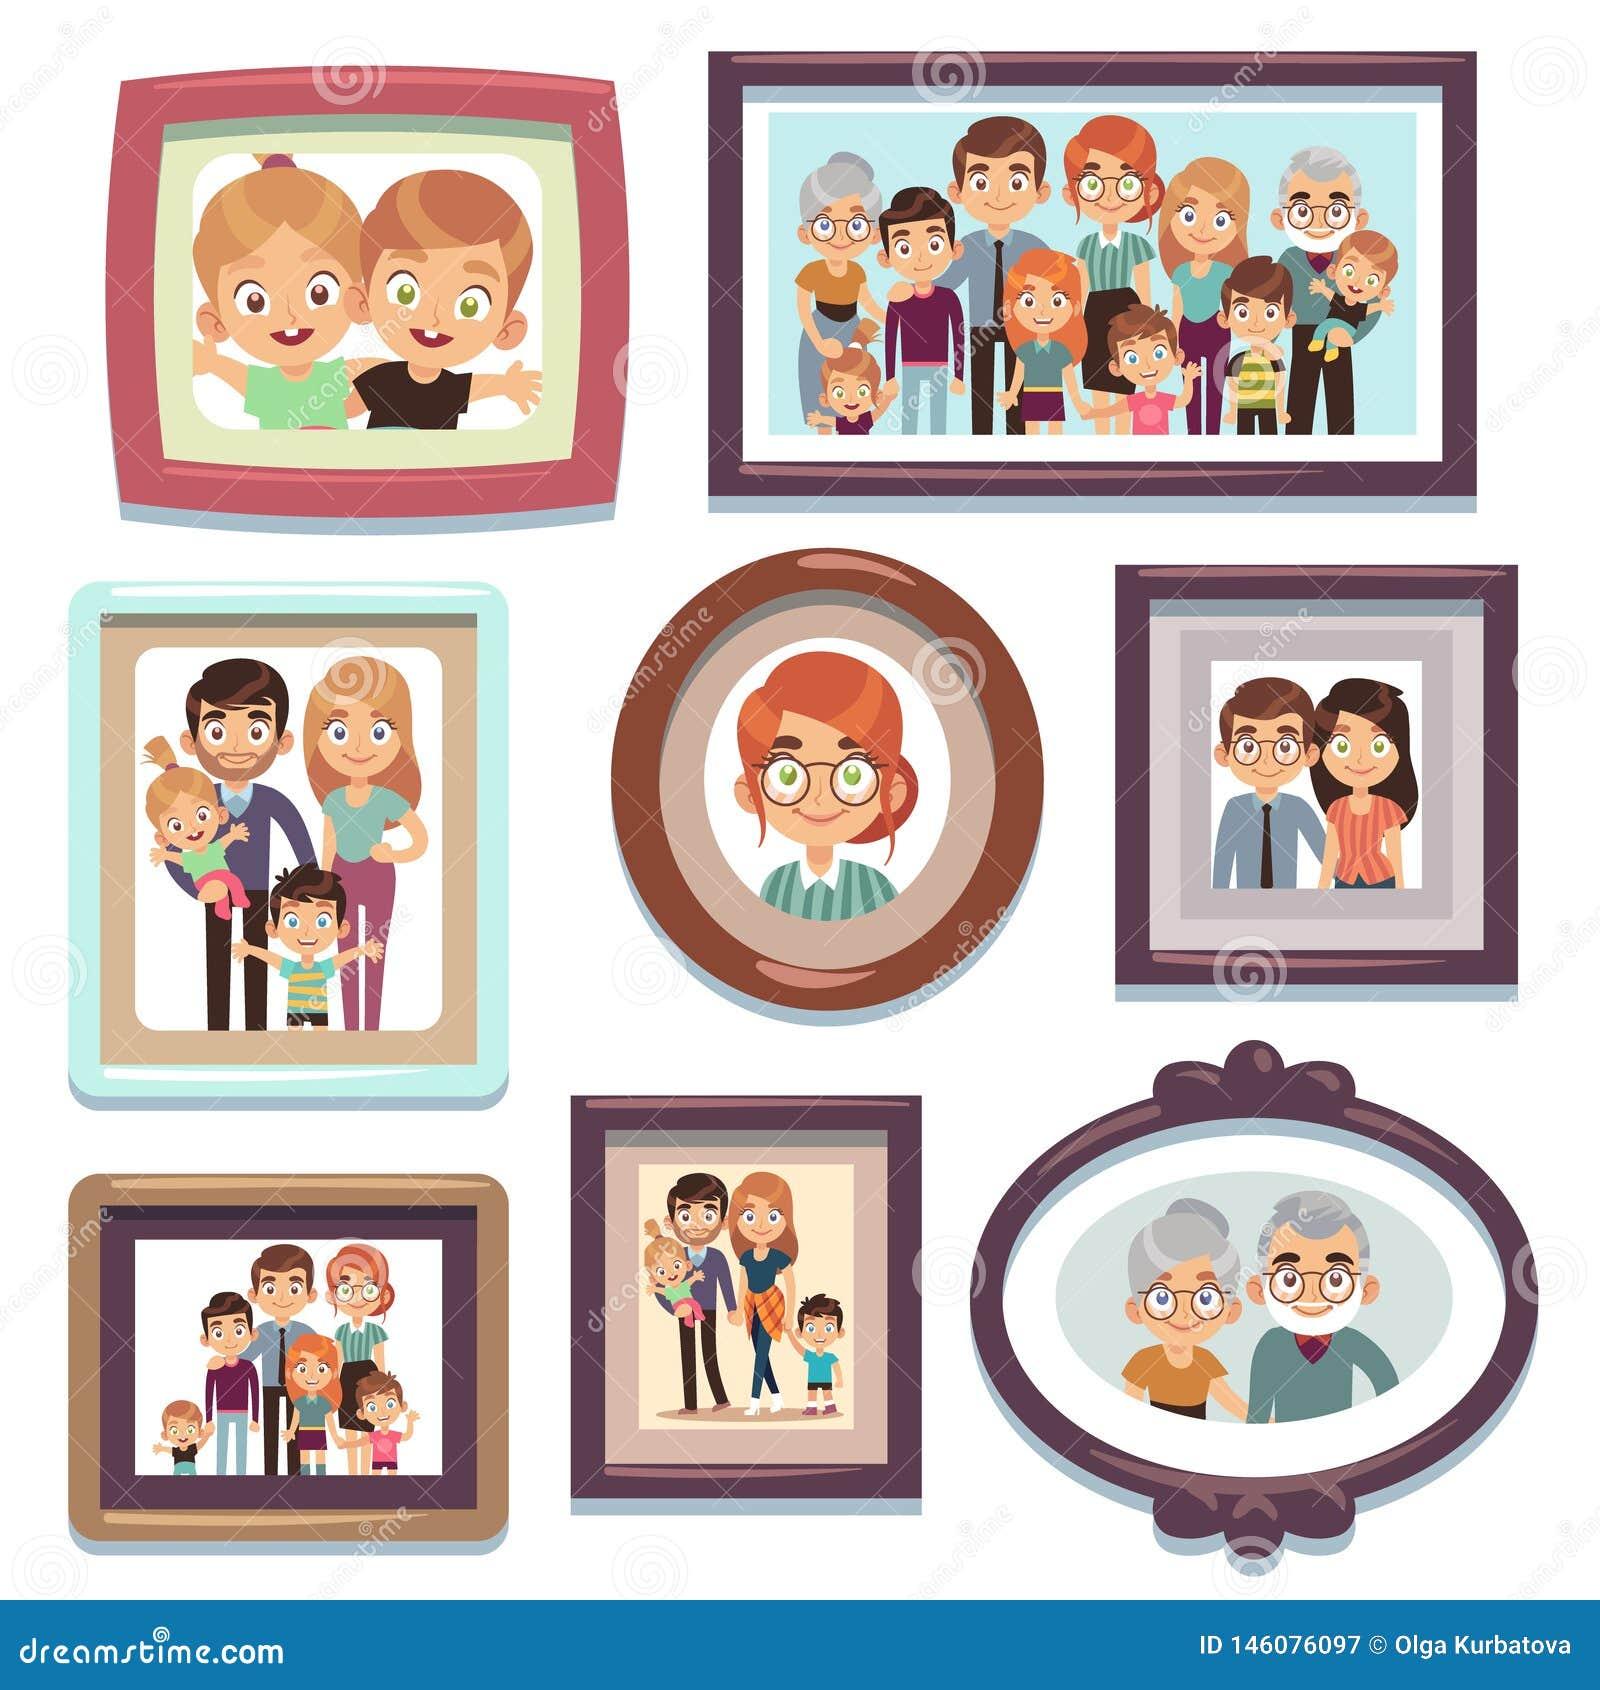 Rodzinne portret fotografie Obrazek fotografii ramy charakterów krewnych szczęśliwej dynastii ludzie wychowywają dzieciaka związe